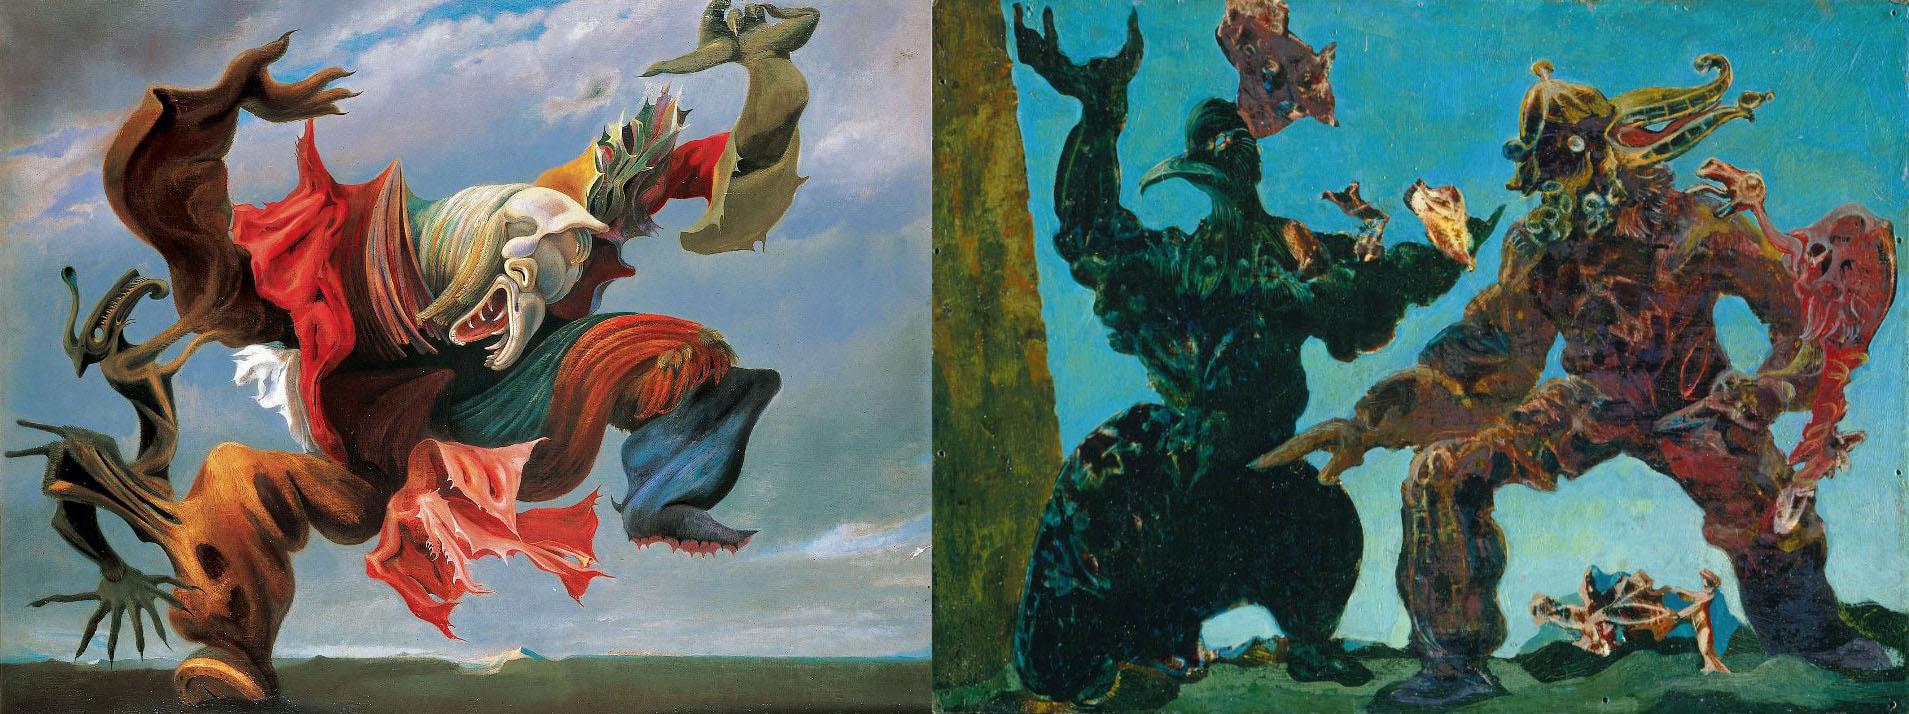 Bárbaros y El Triunfo del Surrealismo